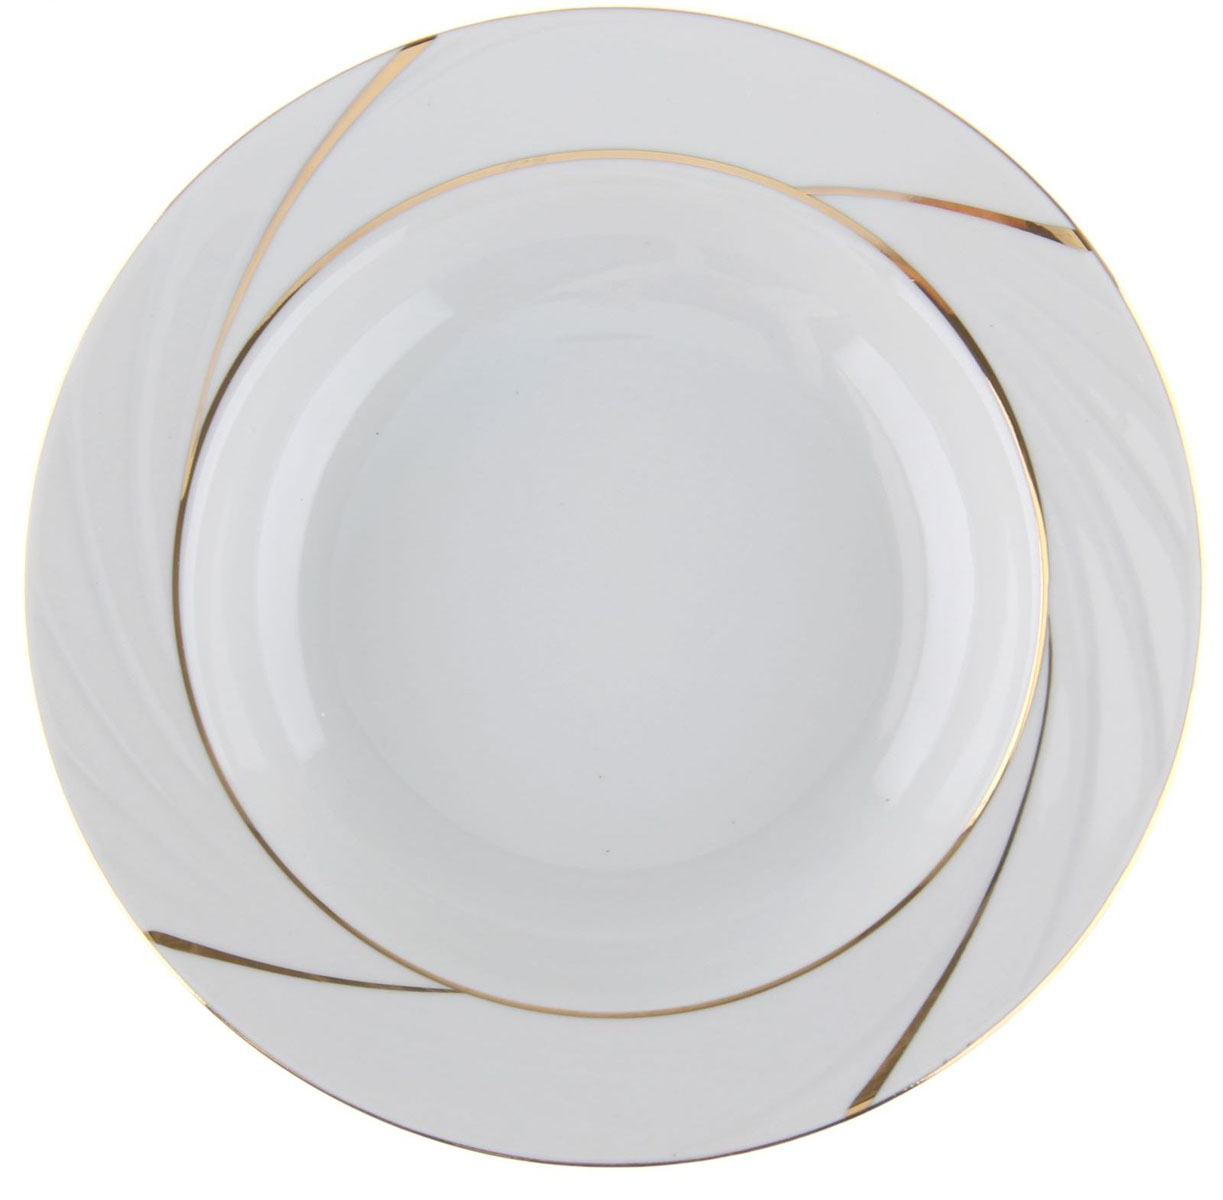 Тарелка глубокая Голубка. Бомонд, диаметр 20 см1035422Глубокая тарелка Голубка. Бомонд выполнена из высококачественного фарфора. Она прекрасно впишется в интерьер вашей кухни и станет достойным дополнением к кухонному инвентарю. Тарелка Голубка. Бомонд подчеркнет прекрасный вкус хозяйки и станет отличным подарком. Диаметр тарелки: 20 см.